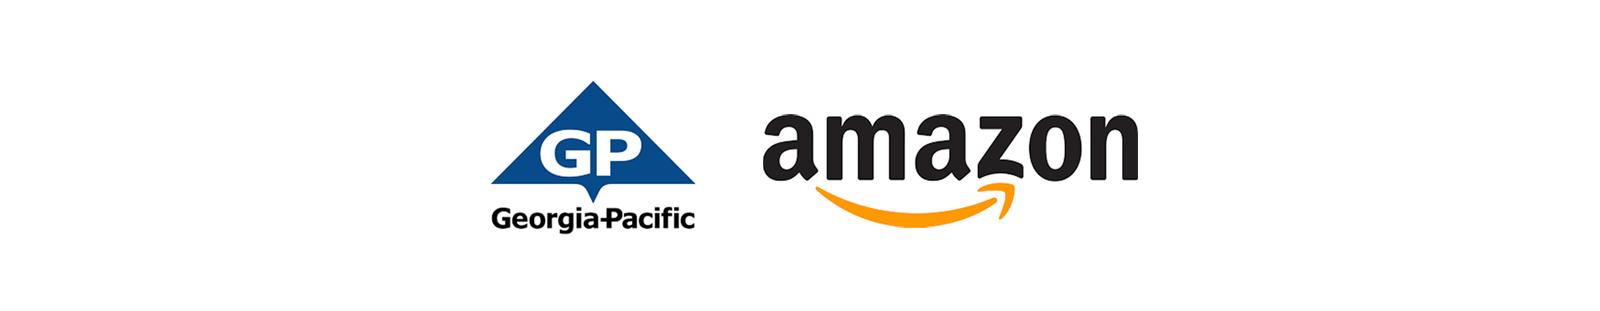 Gp-Amazon.jpg